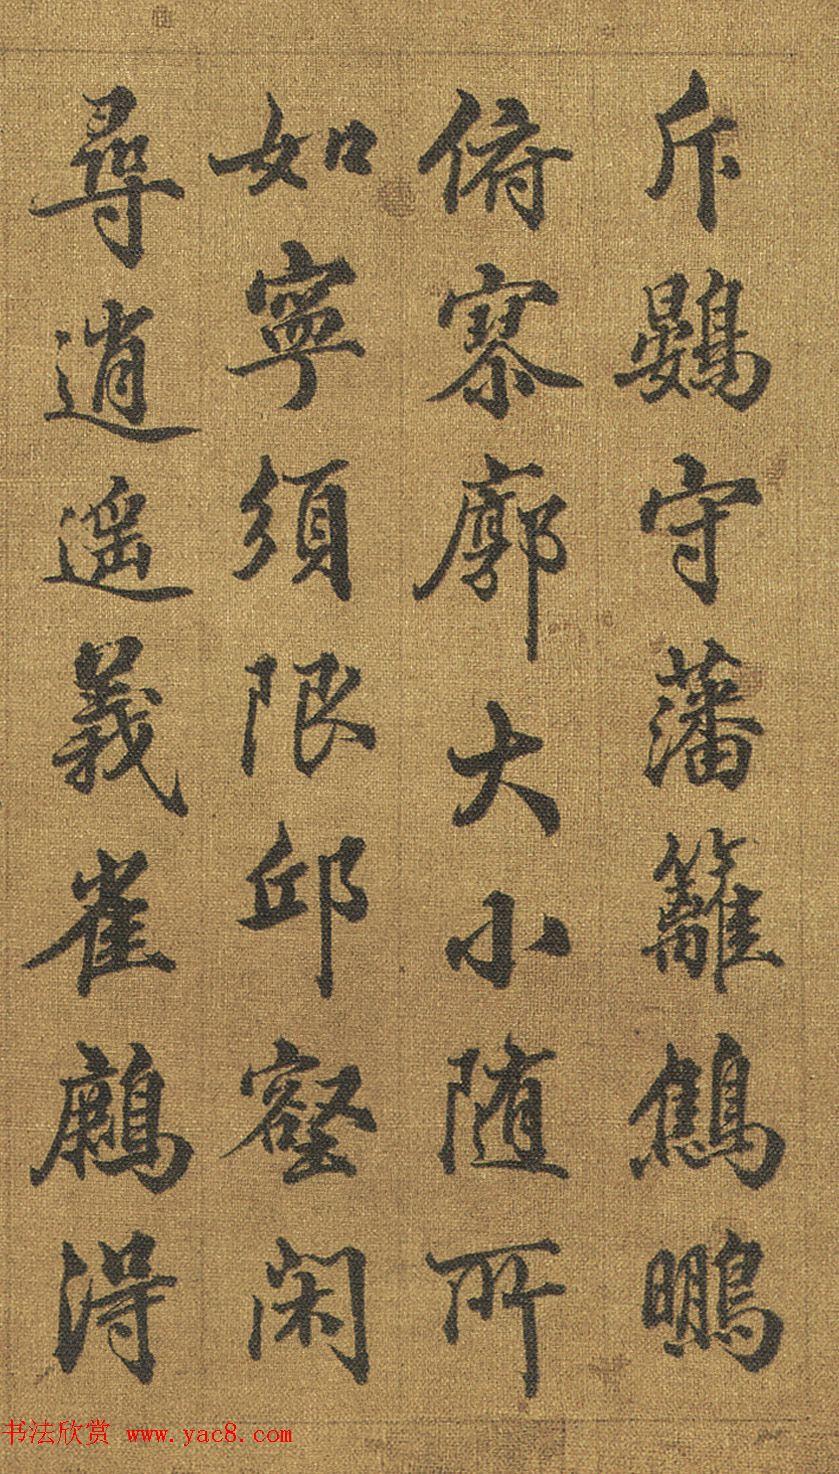 梁诗正、励宗万、张若霭书法和诗